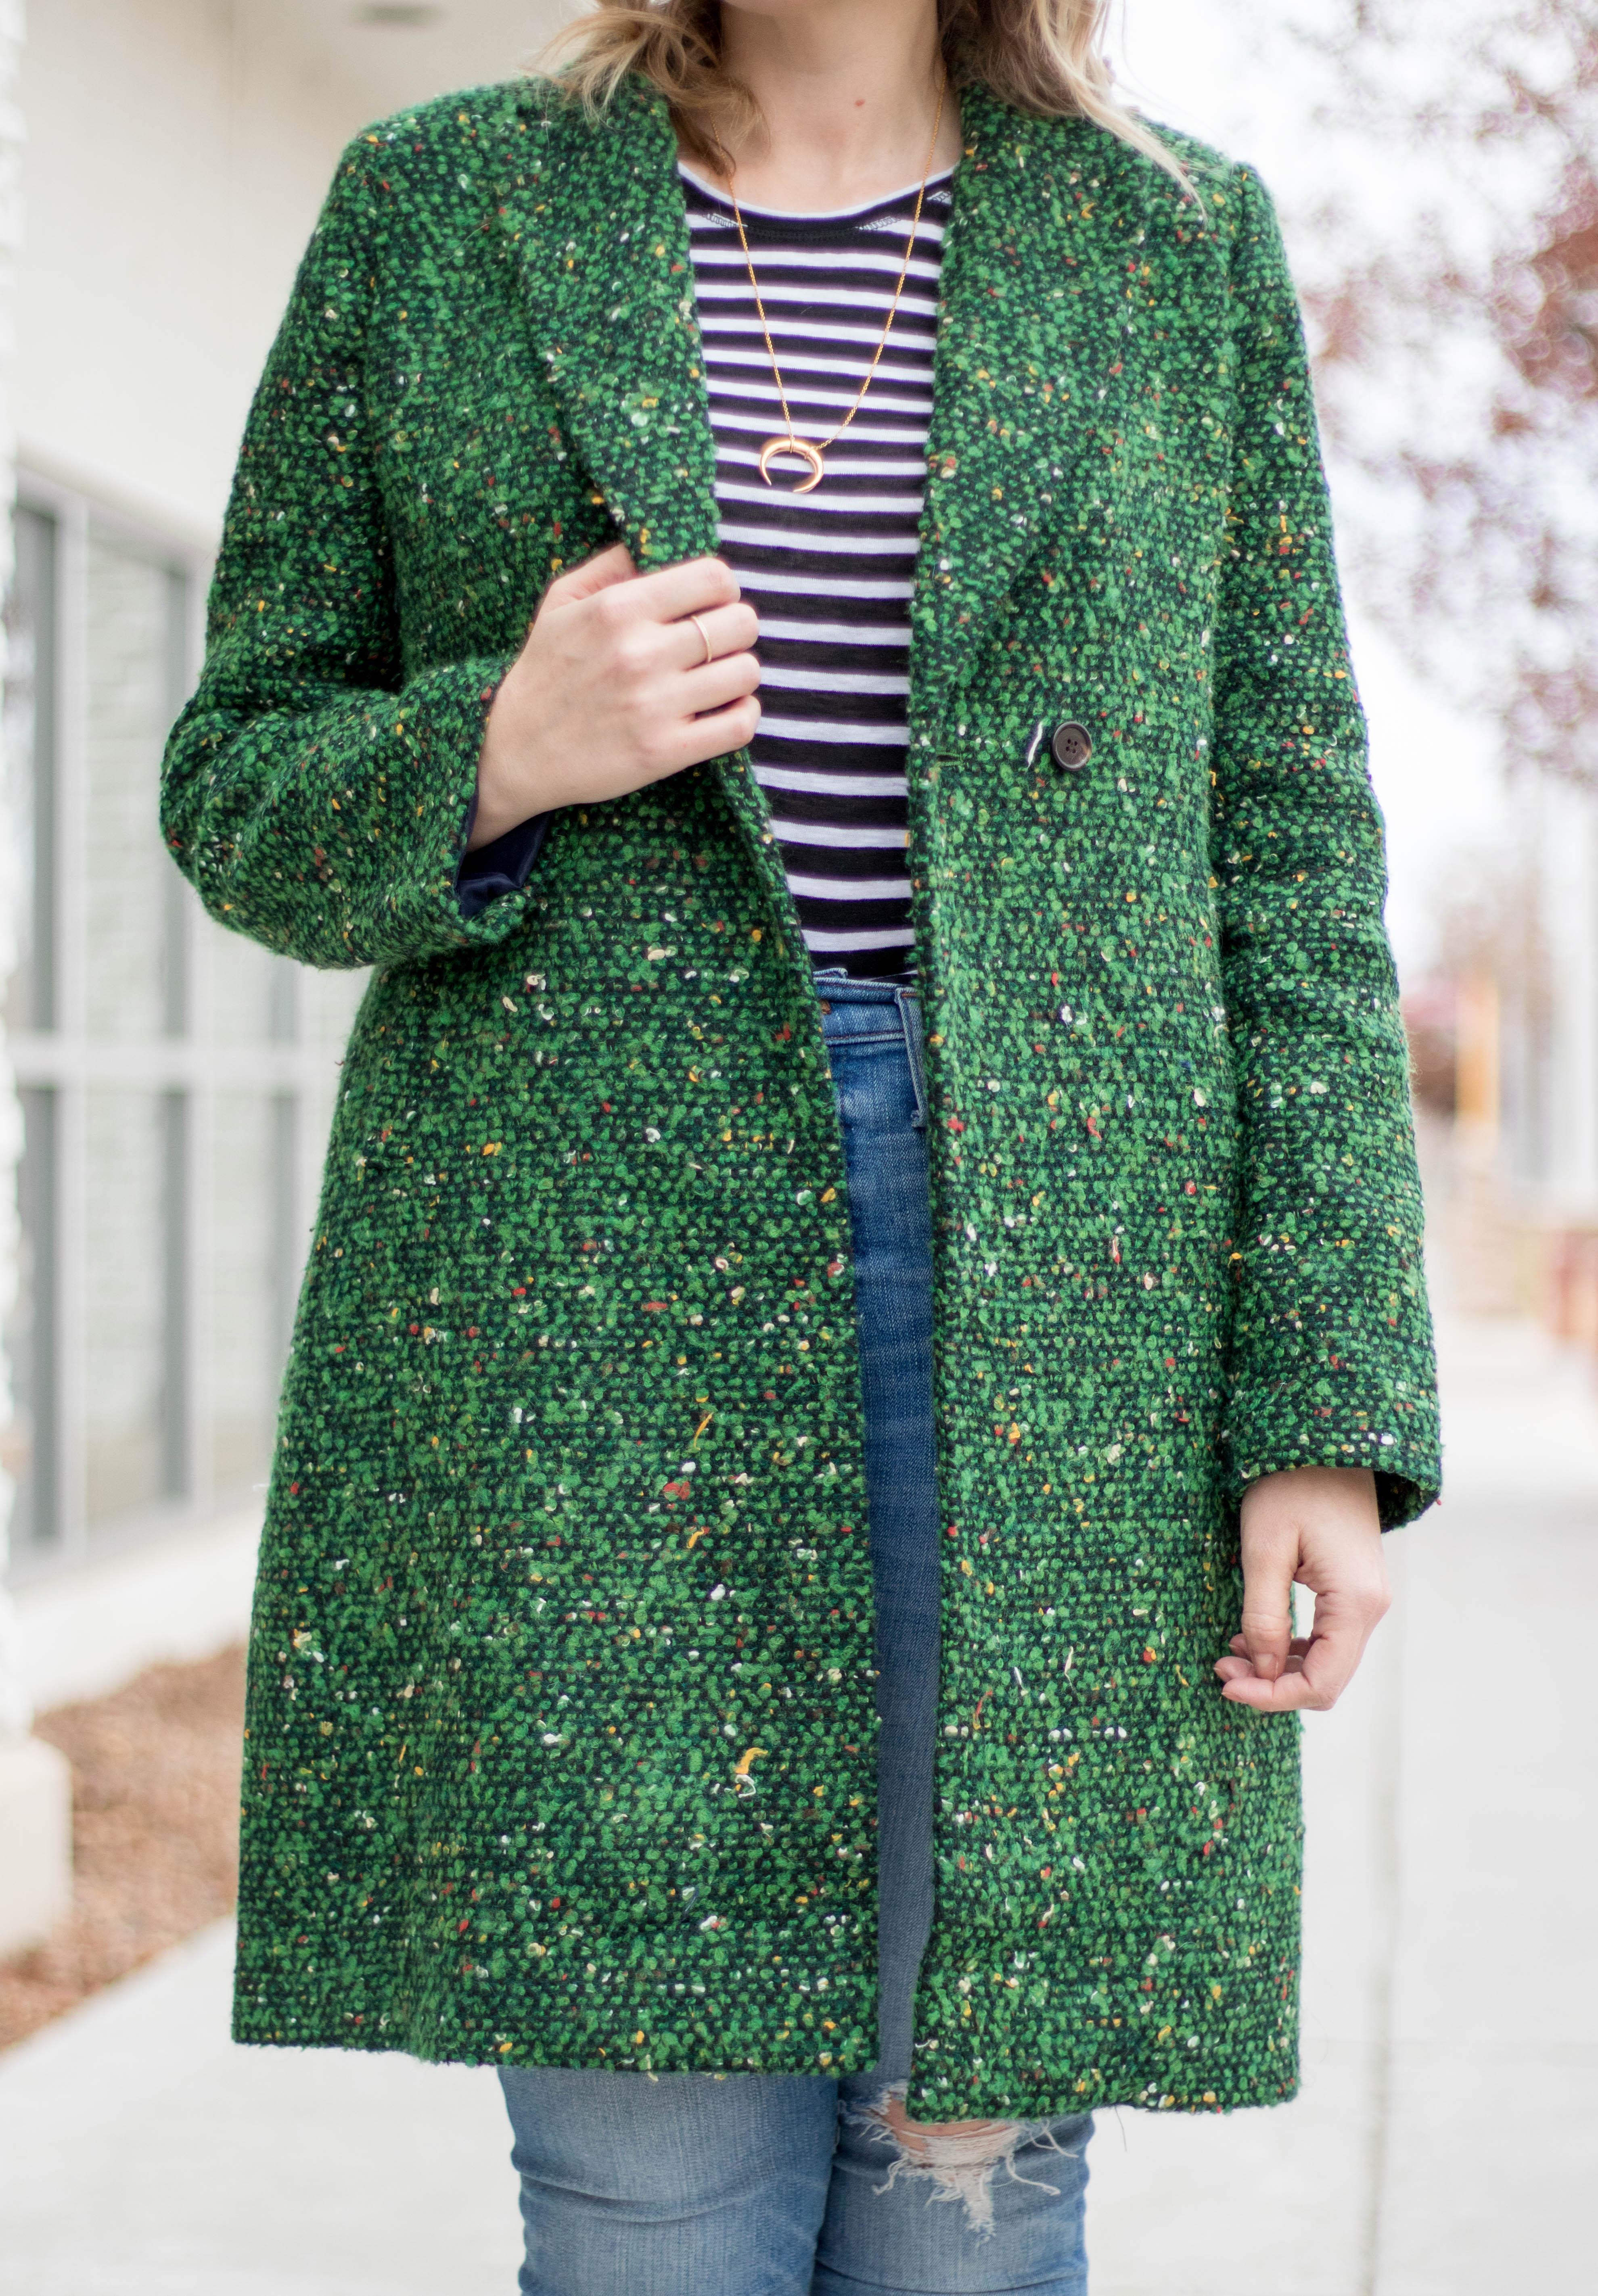 tweed coat for winter #tweed #winterfashion #jcrew